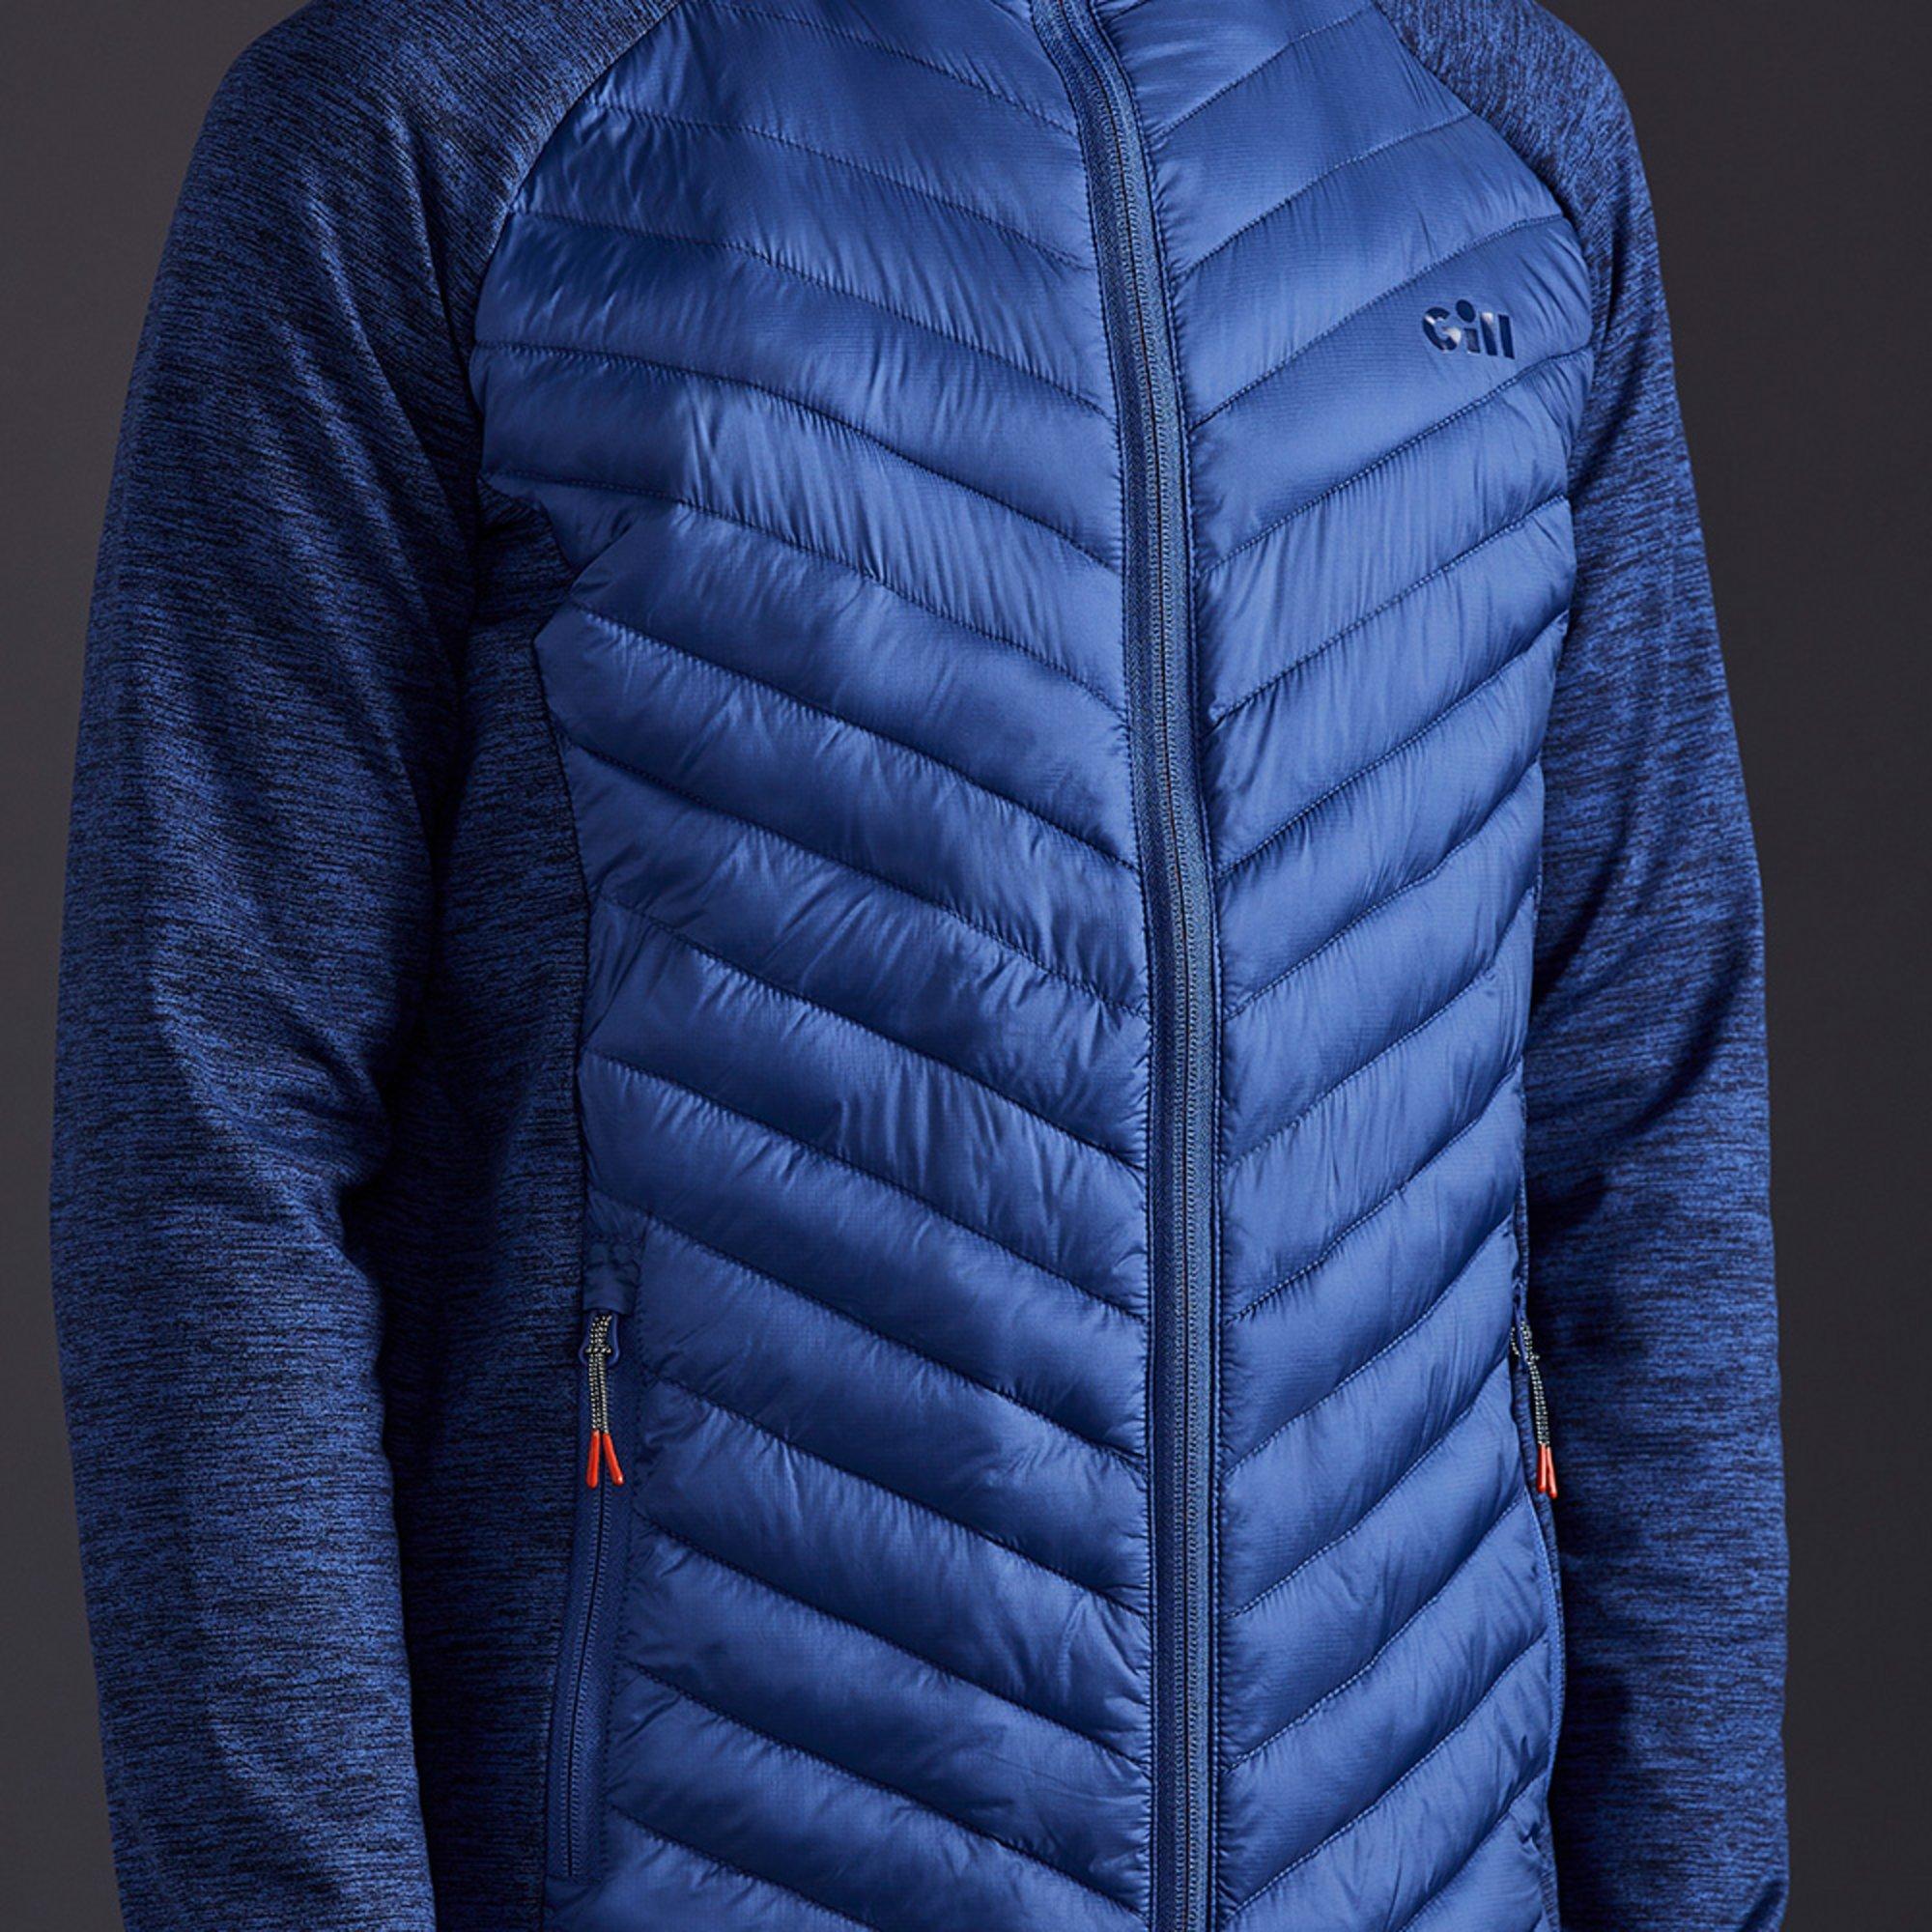 Men's Penryn Hybrid Jacket - 1109-OCE01-MODEL-7.jpg